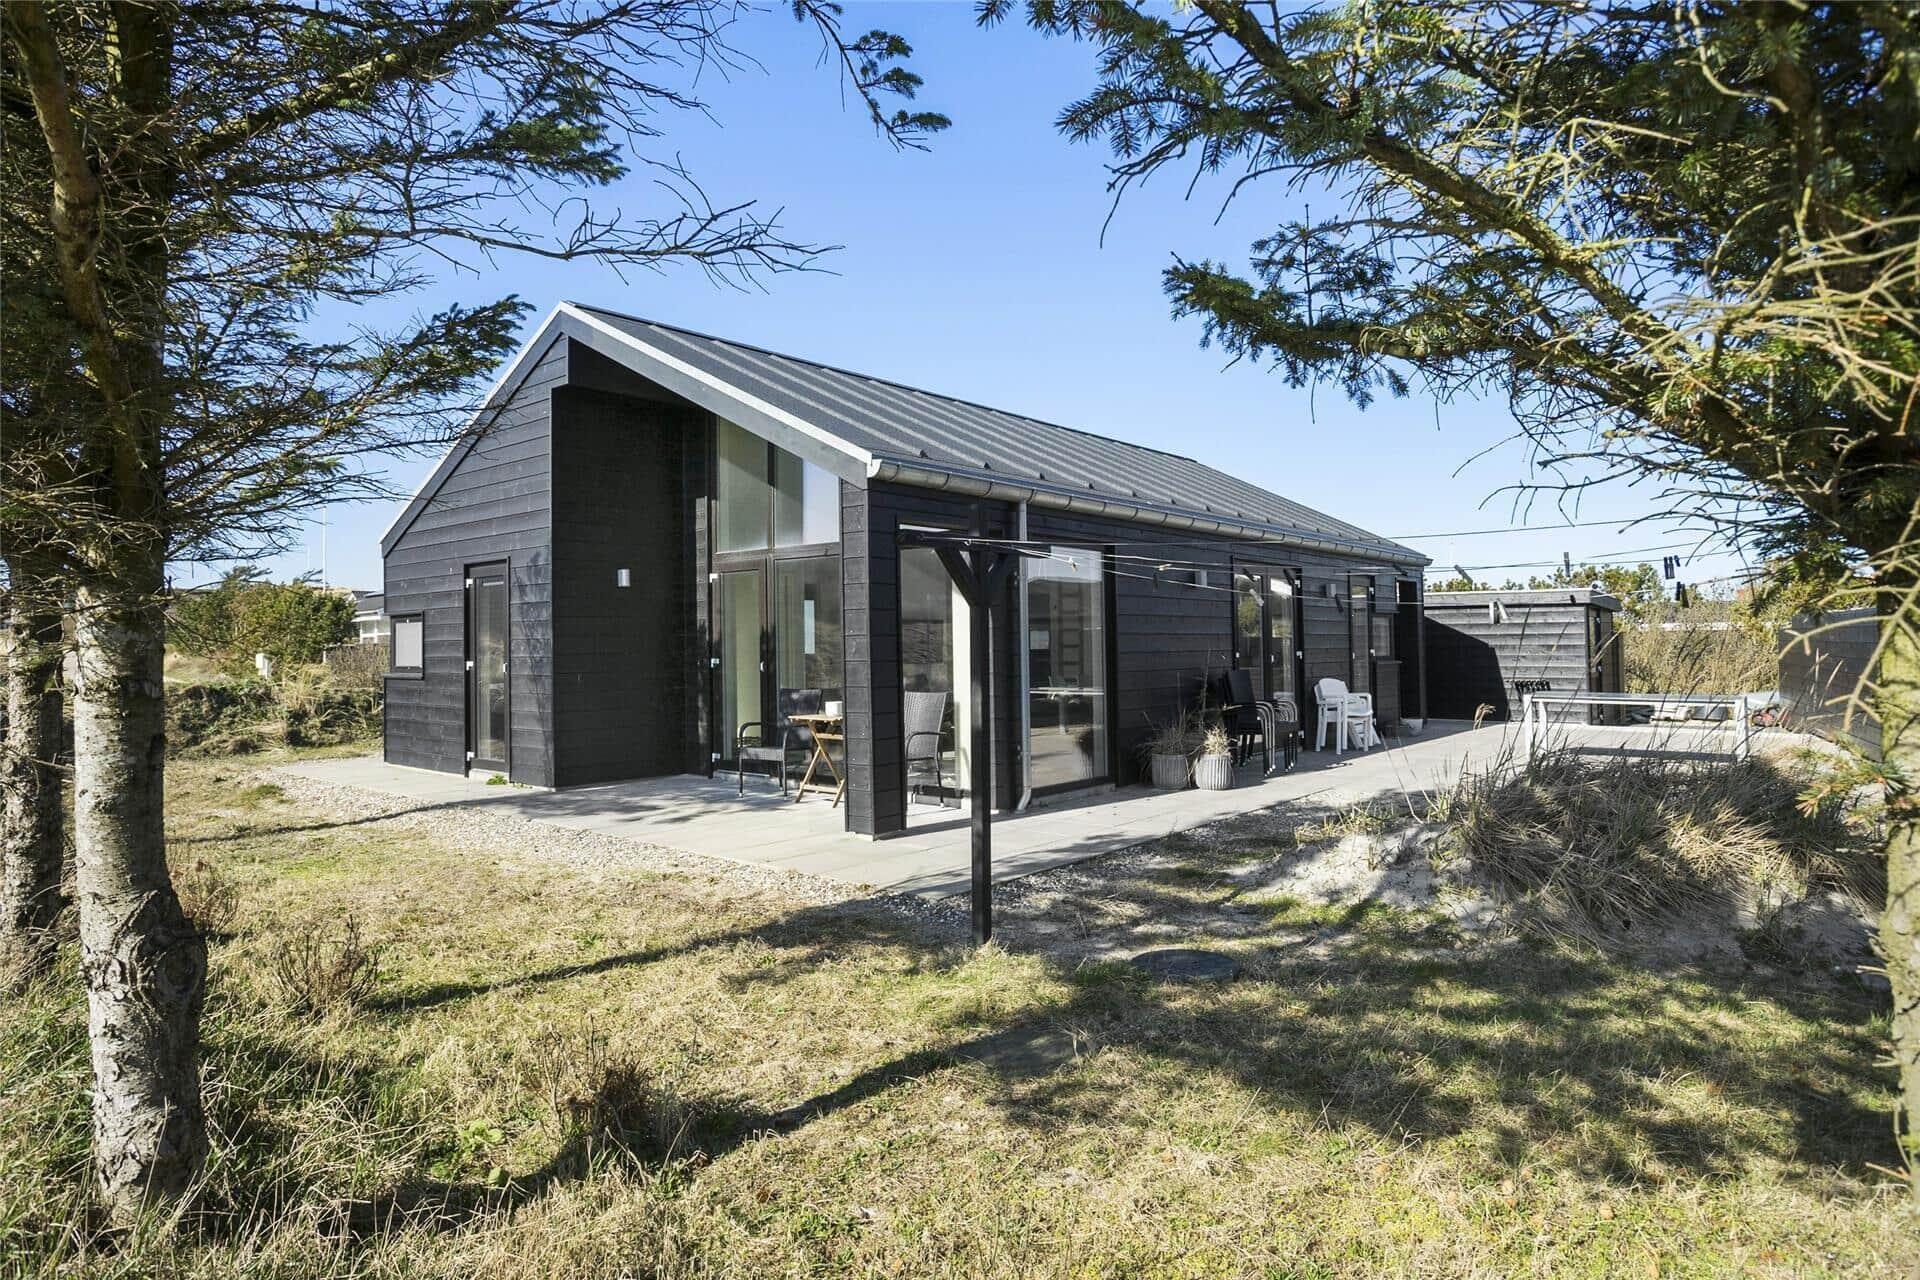 Billede 1-14 Sommerhus 1667, Klitvejen 24, DK - 9492 Blokhus